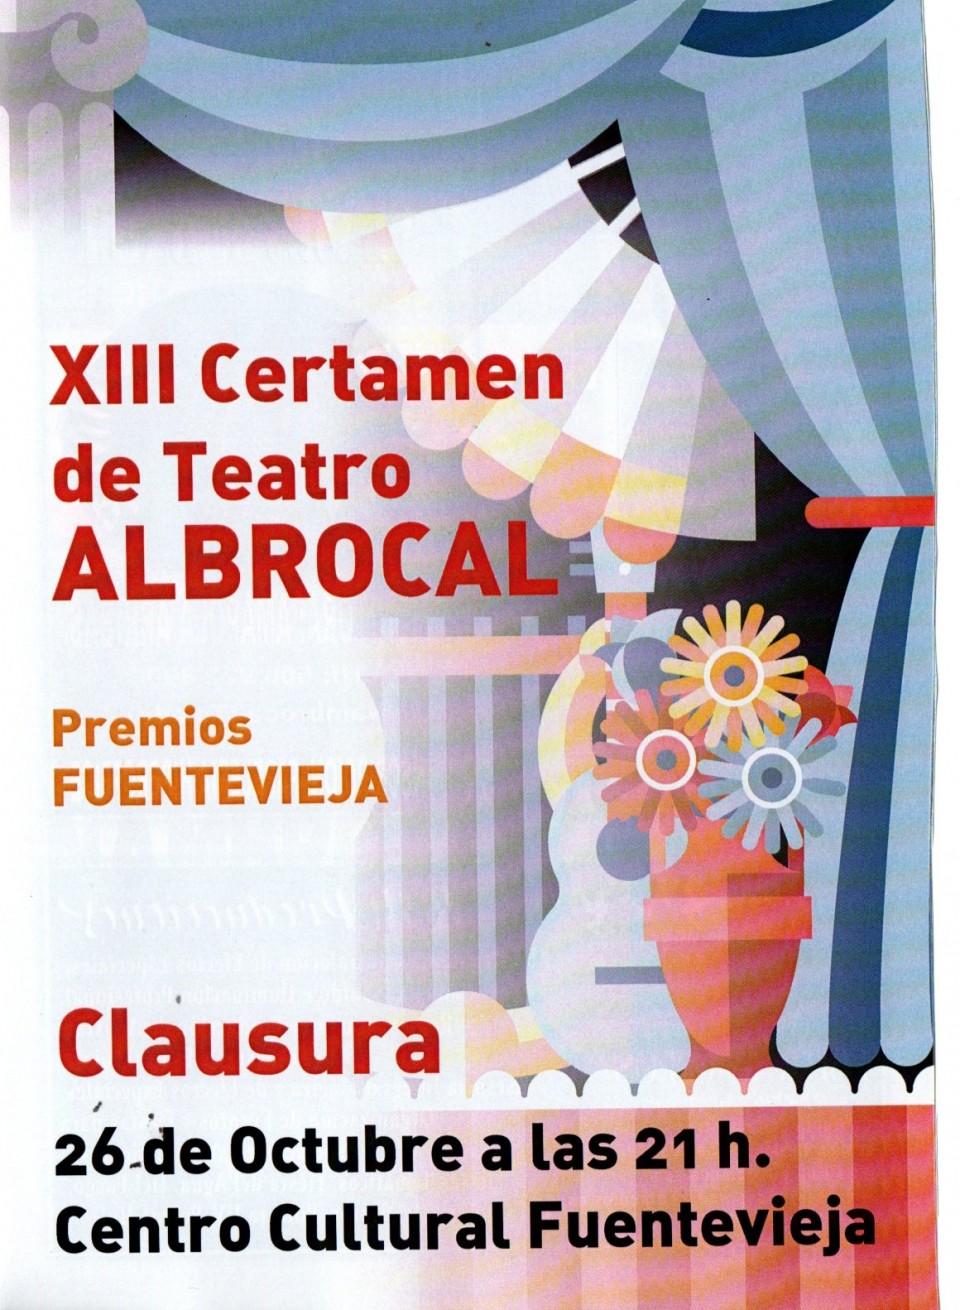 Anunciada la programación del XIII Certamen de Teatro Albrocal